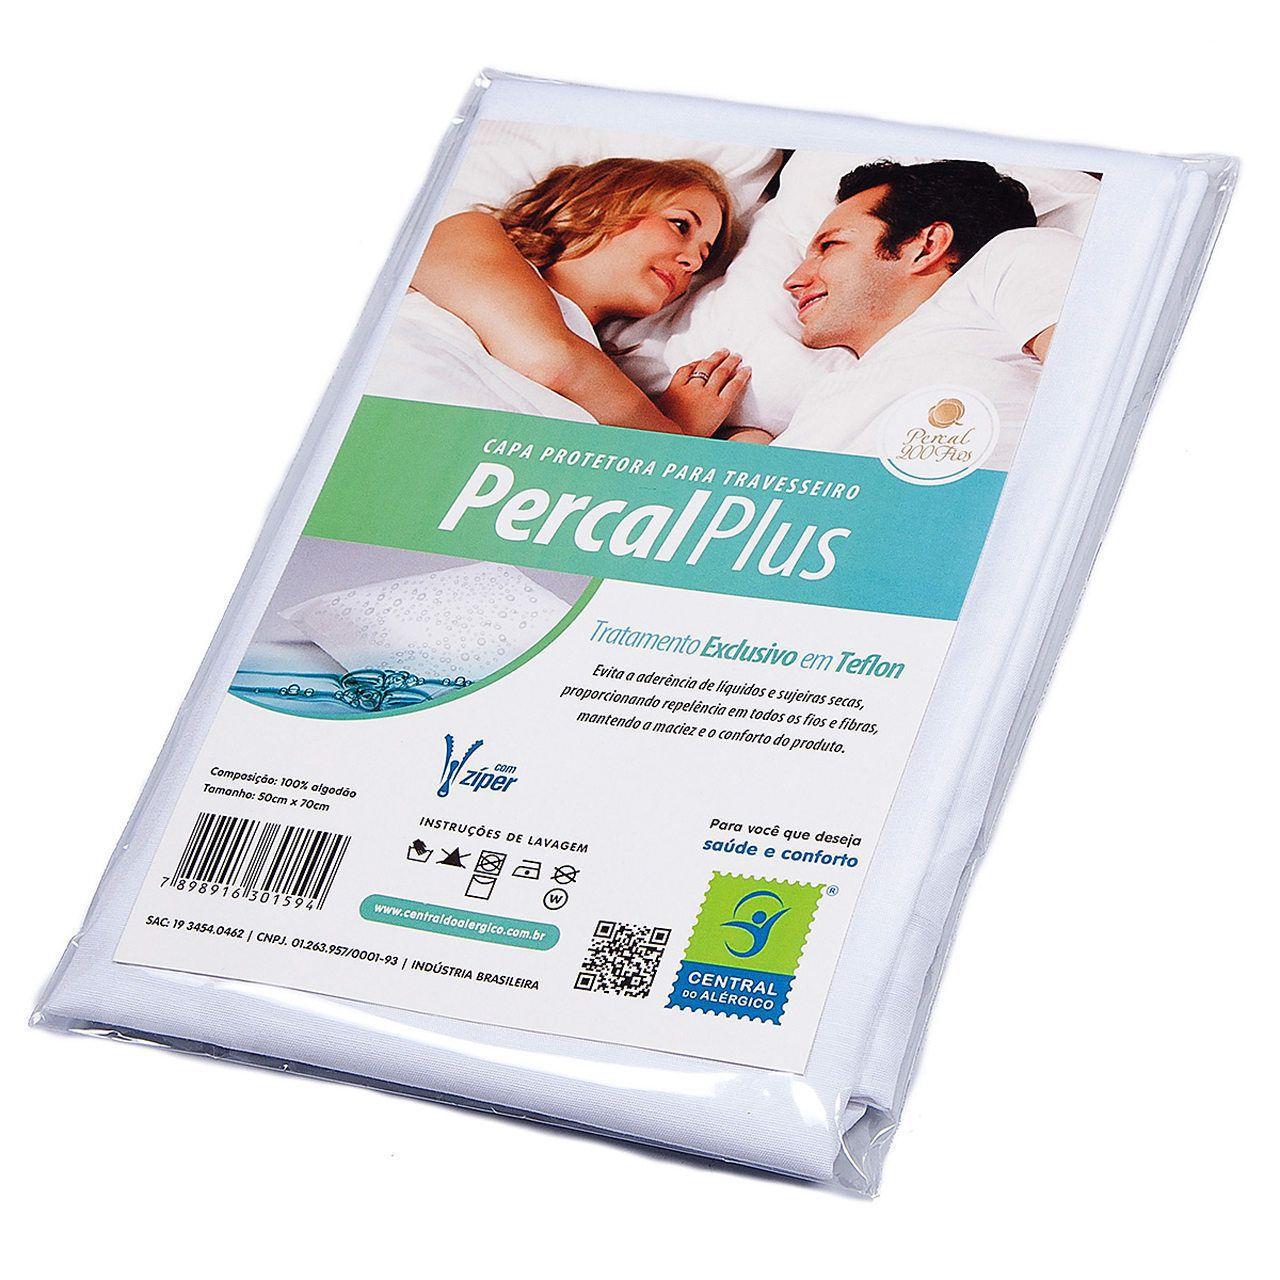 Capa antialérgica para travesseiro adulto confeccionada em tecido percal 200 fios - Linha percal plus - Fechamento c/zíper